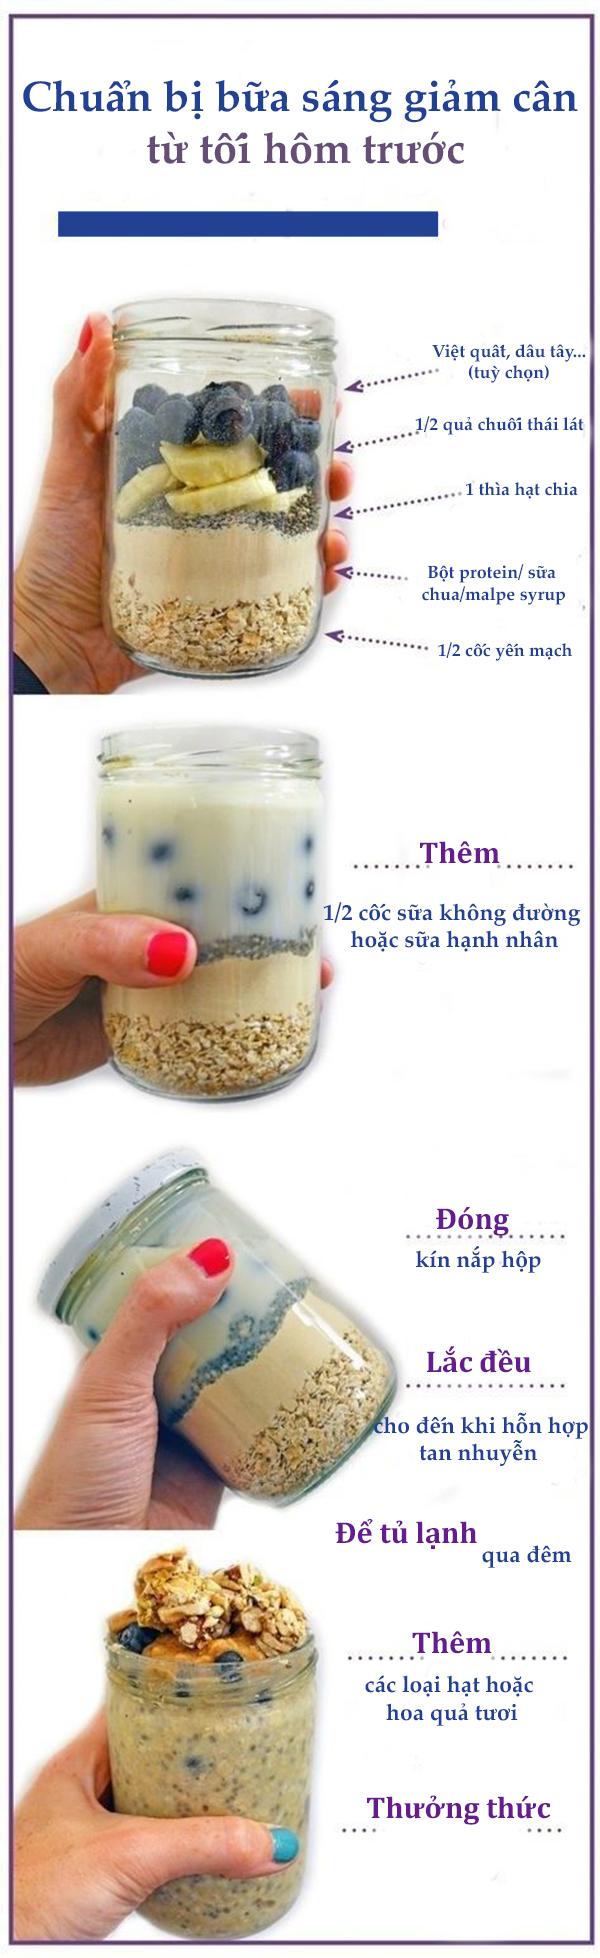 Mẹo chuẩn bị trước bữa sáng giảm cân để tiết kiệm thời gian - Ảnh 1